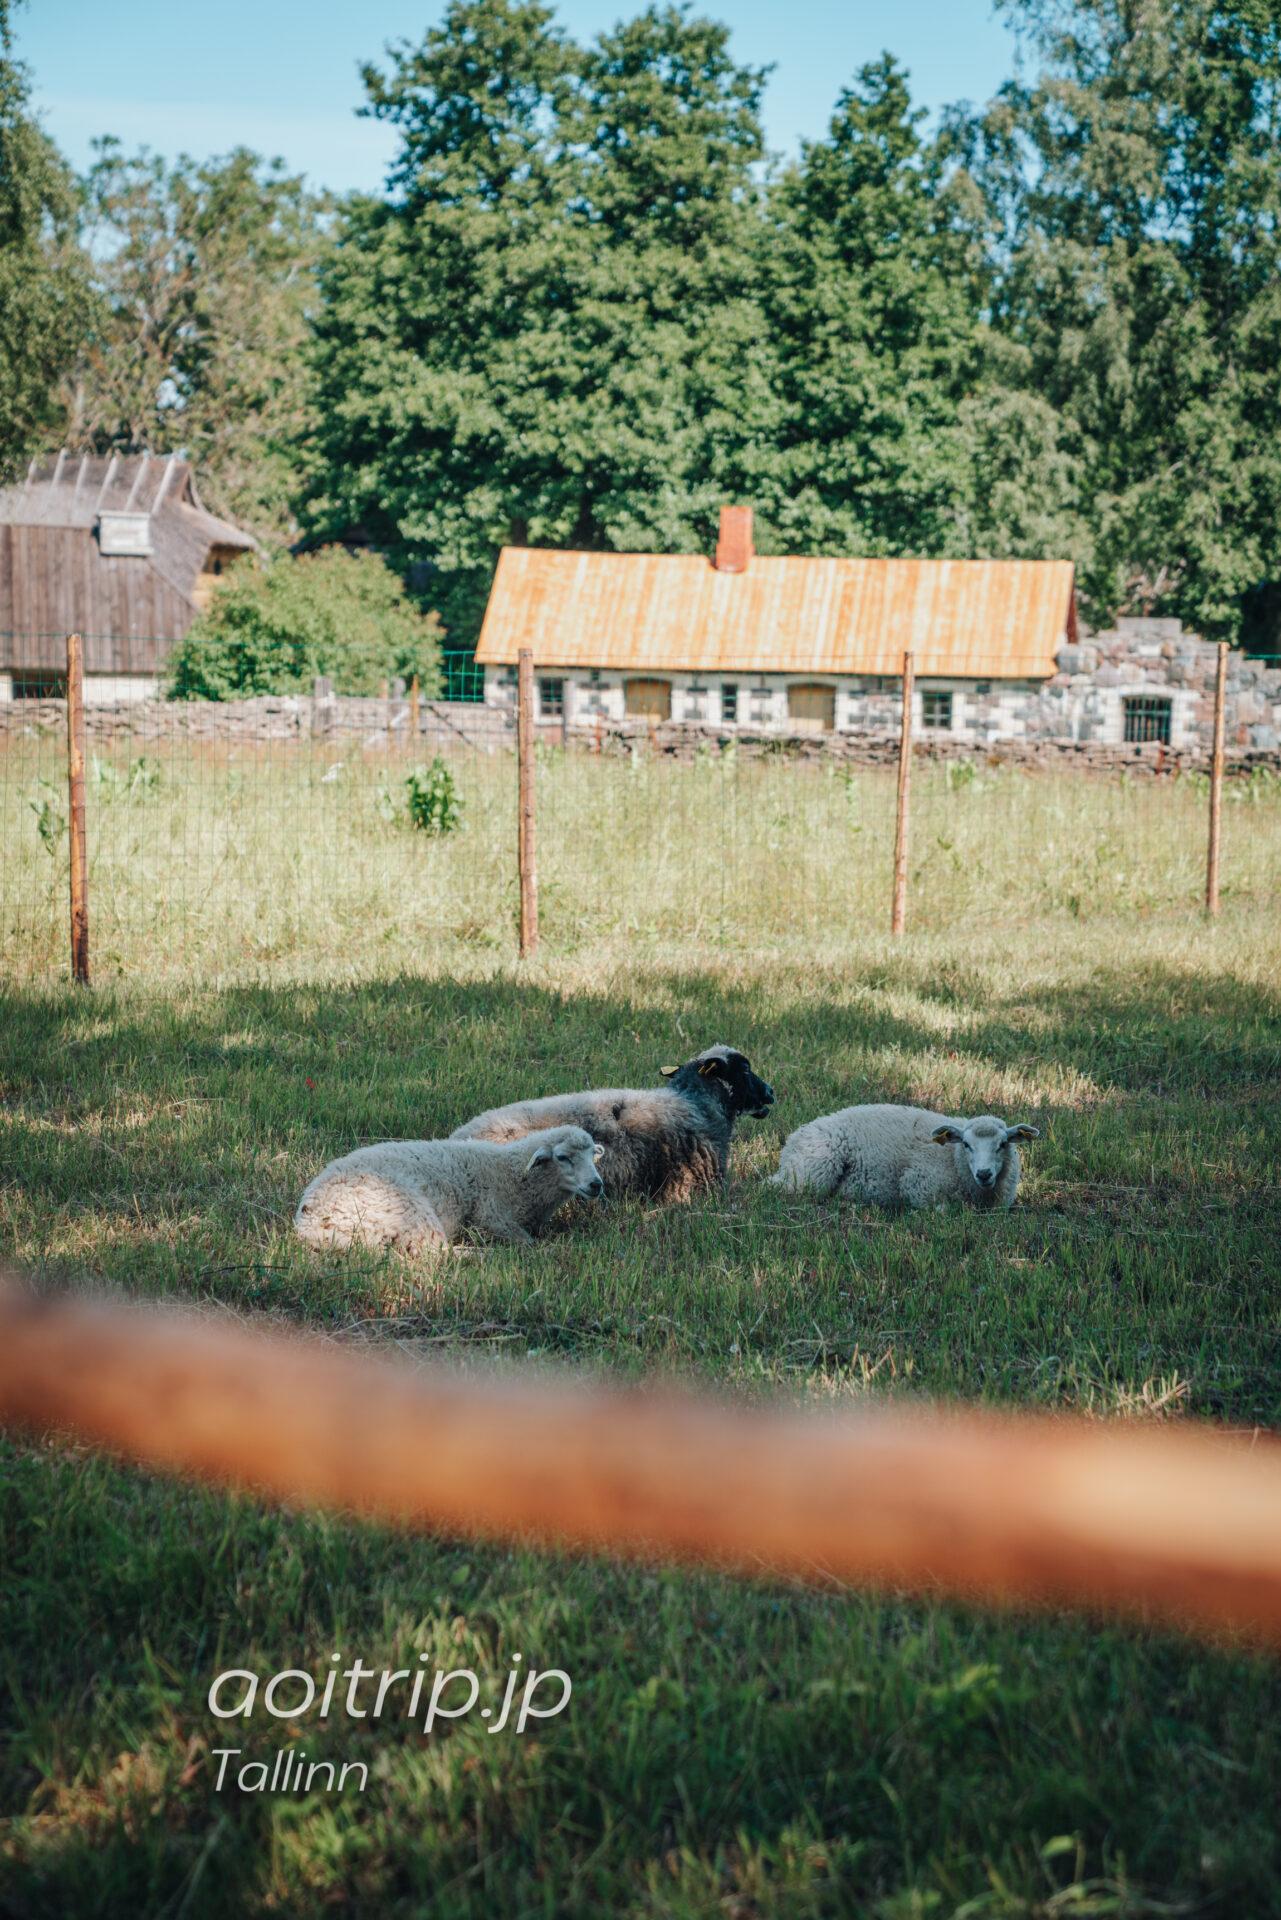 エストニア民族野外博物館(Estonian Open Air Museum)の羊